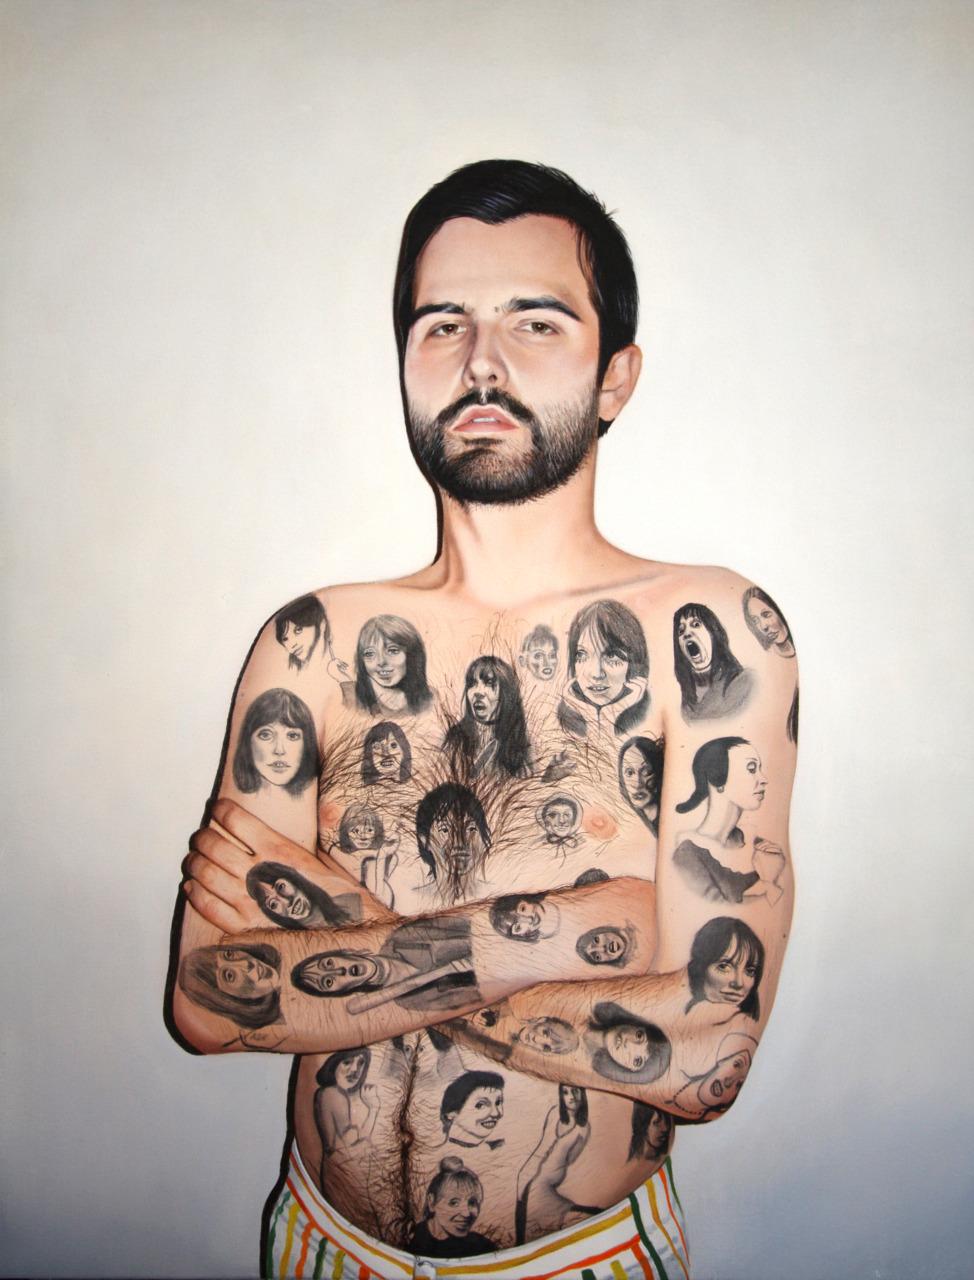 Matt Momchilov - San Francisco, CA artist